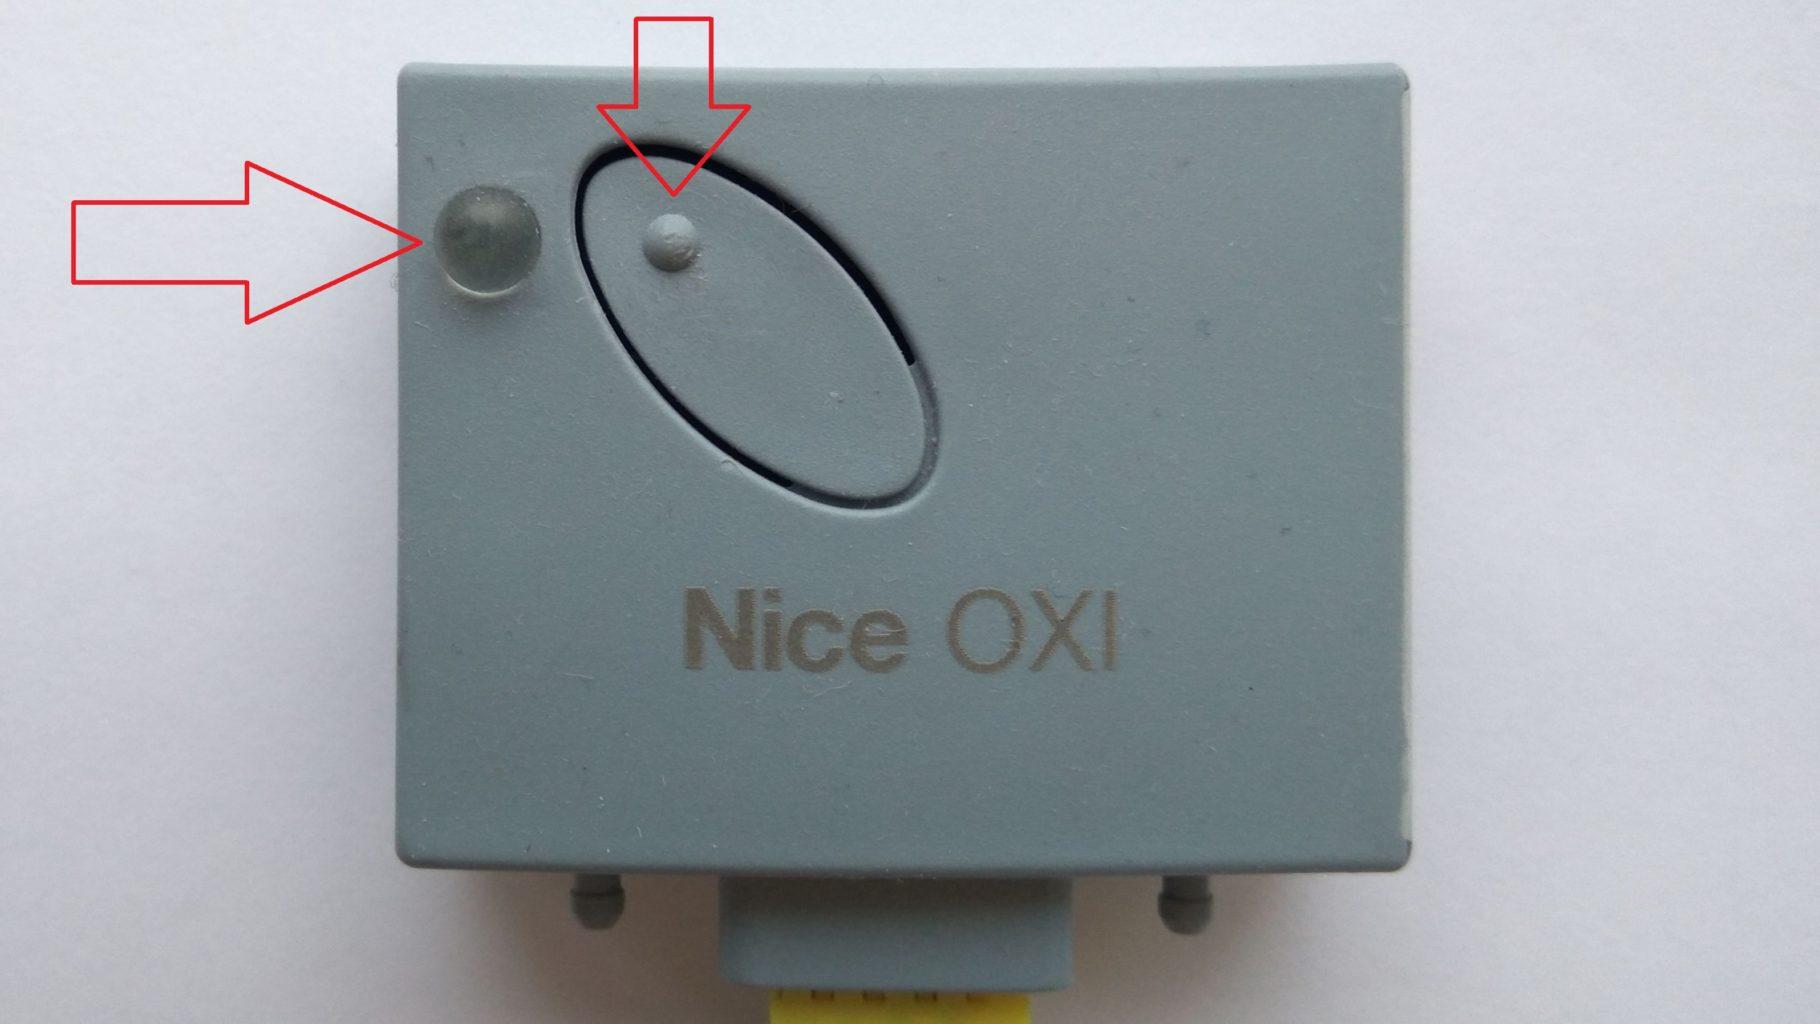 Приемник Nice OXI для XBA2